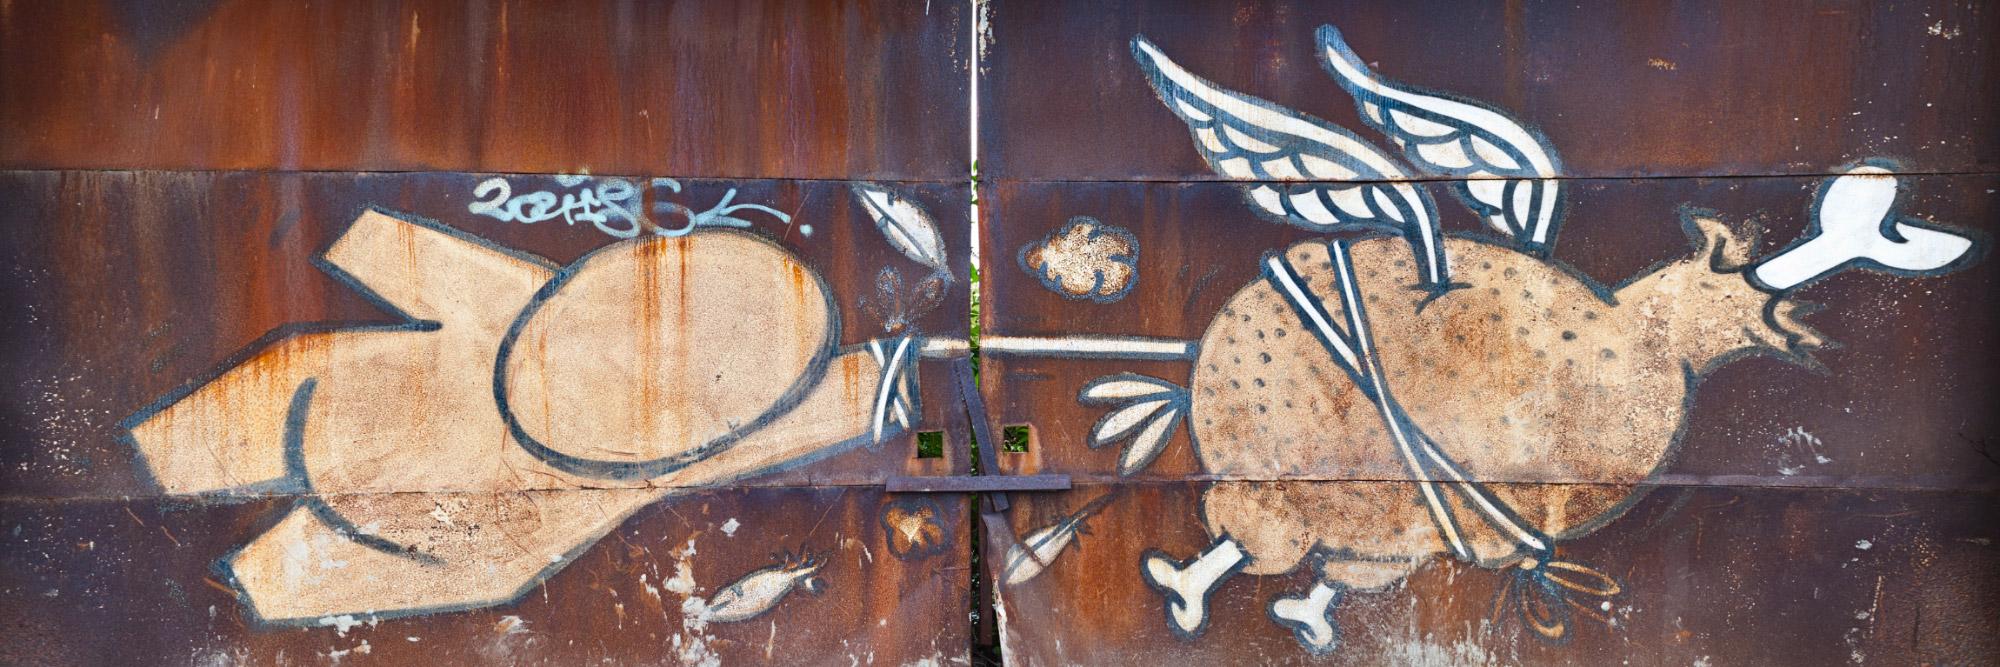 Graff, rue des Briquetiers, Le Havre / Jace